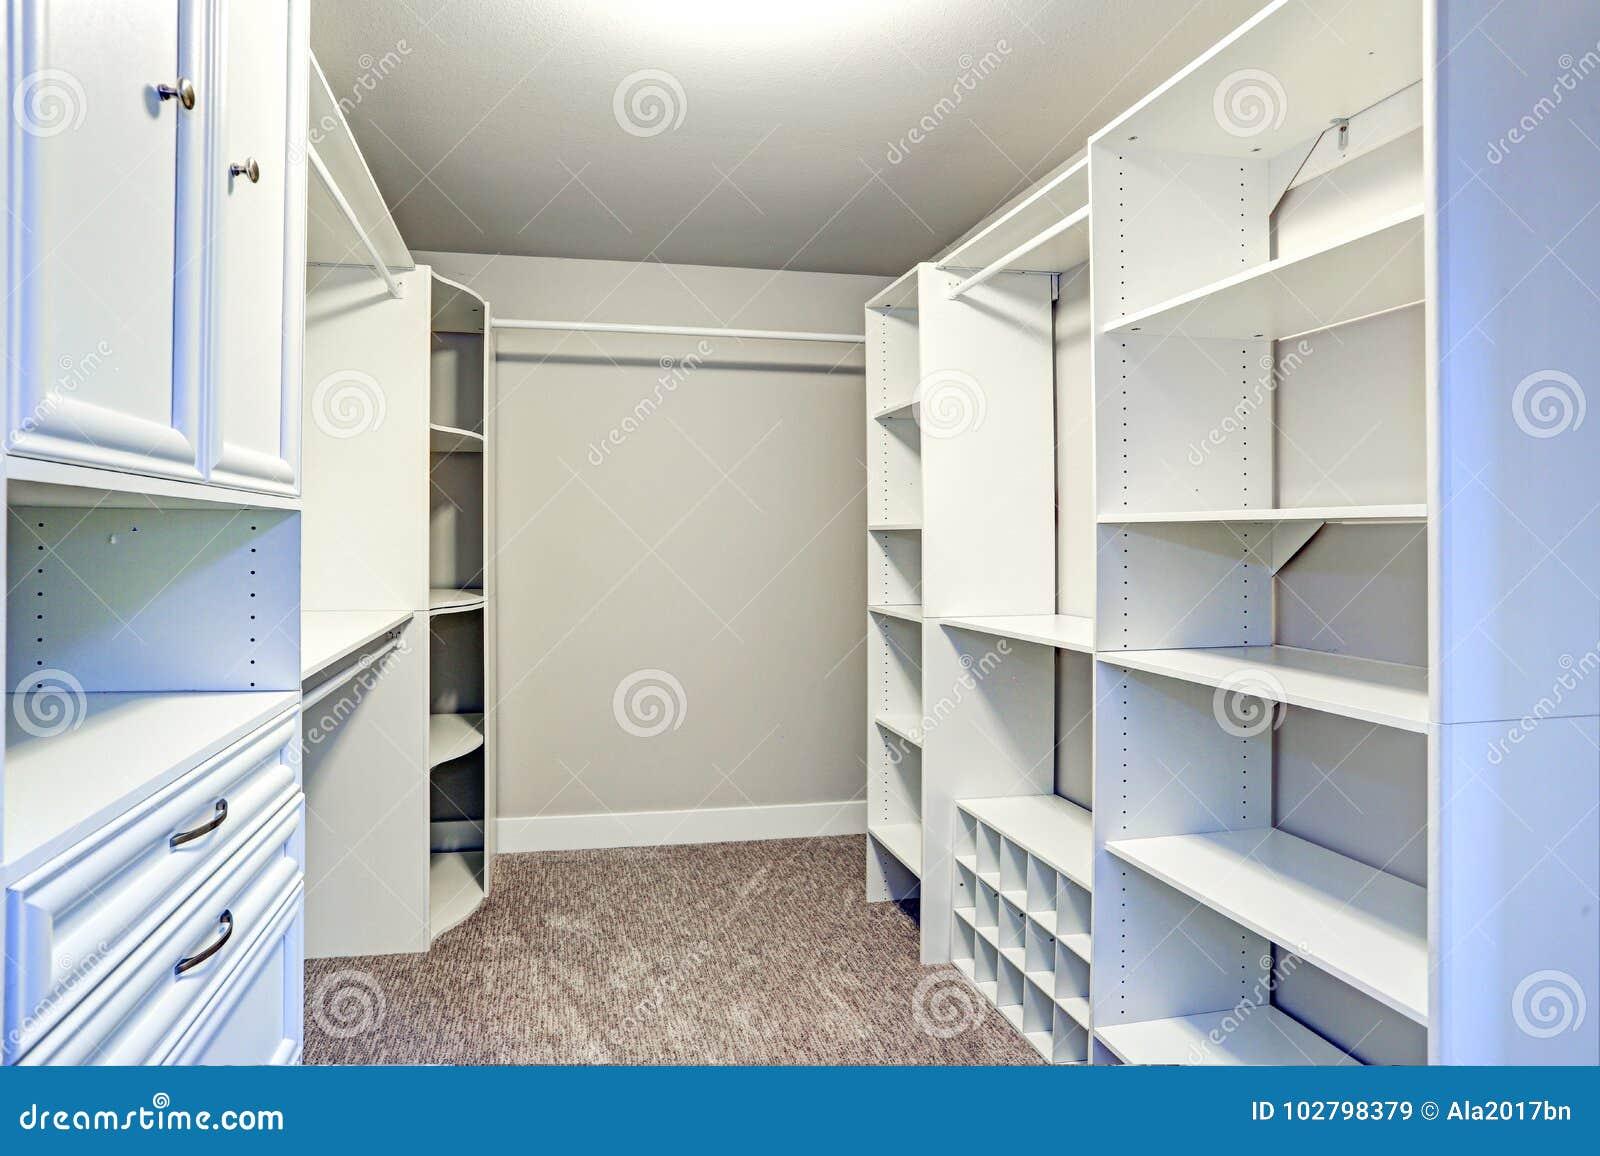 schrank auf schienen blendend schienen schrank mit schubladen selber bauen kn u bau schrank mit. Black Bedroom Furniture Sets. Home Design Ideas